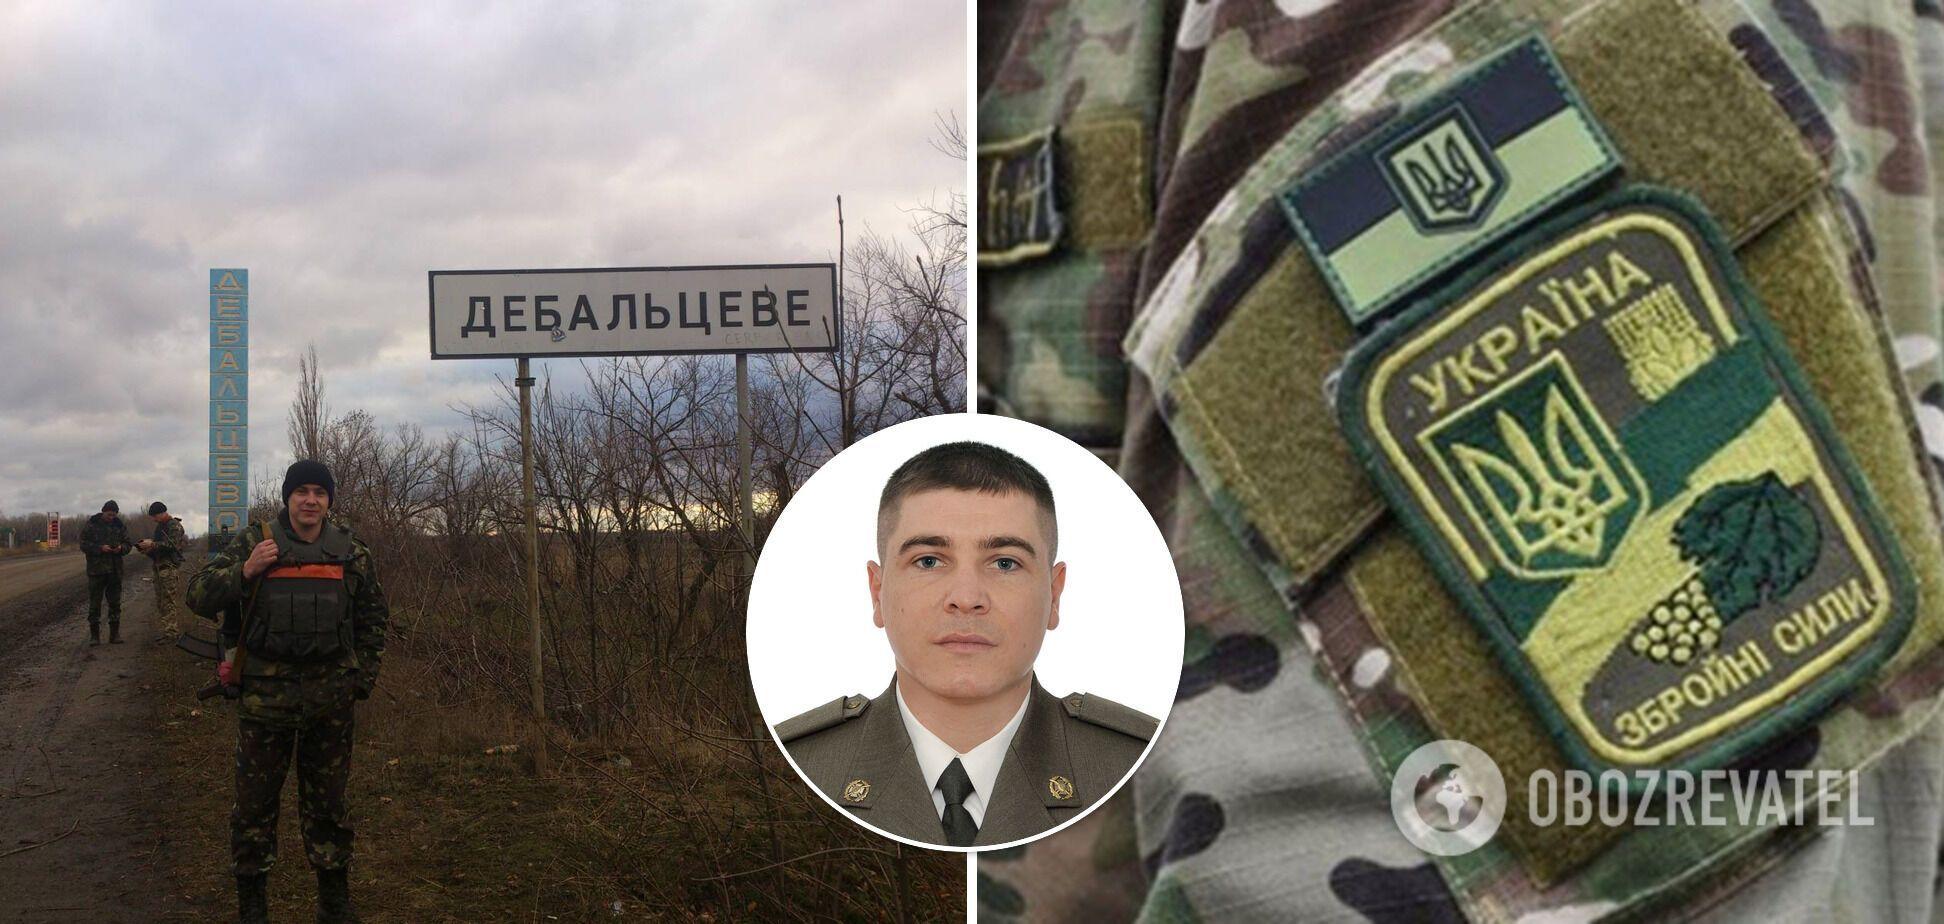 'Думаешь, что это сон, но не можешь проснуться': 30-летний майор ВСУ отчаянно борется за жизнь